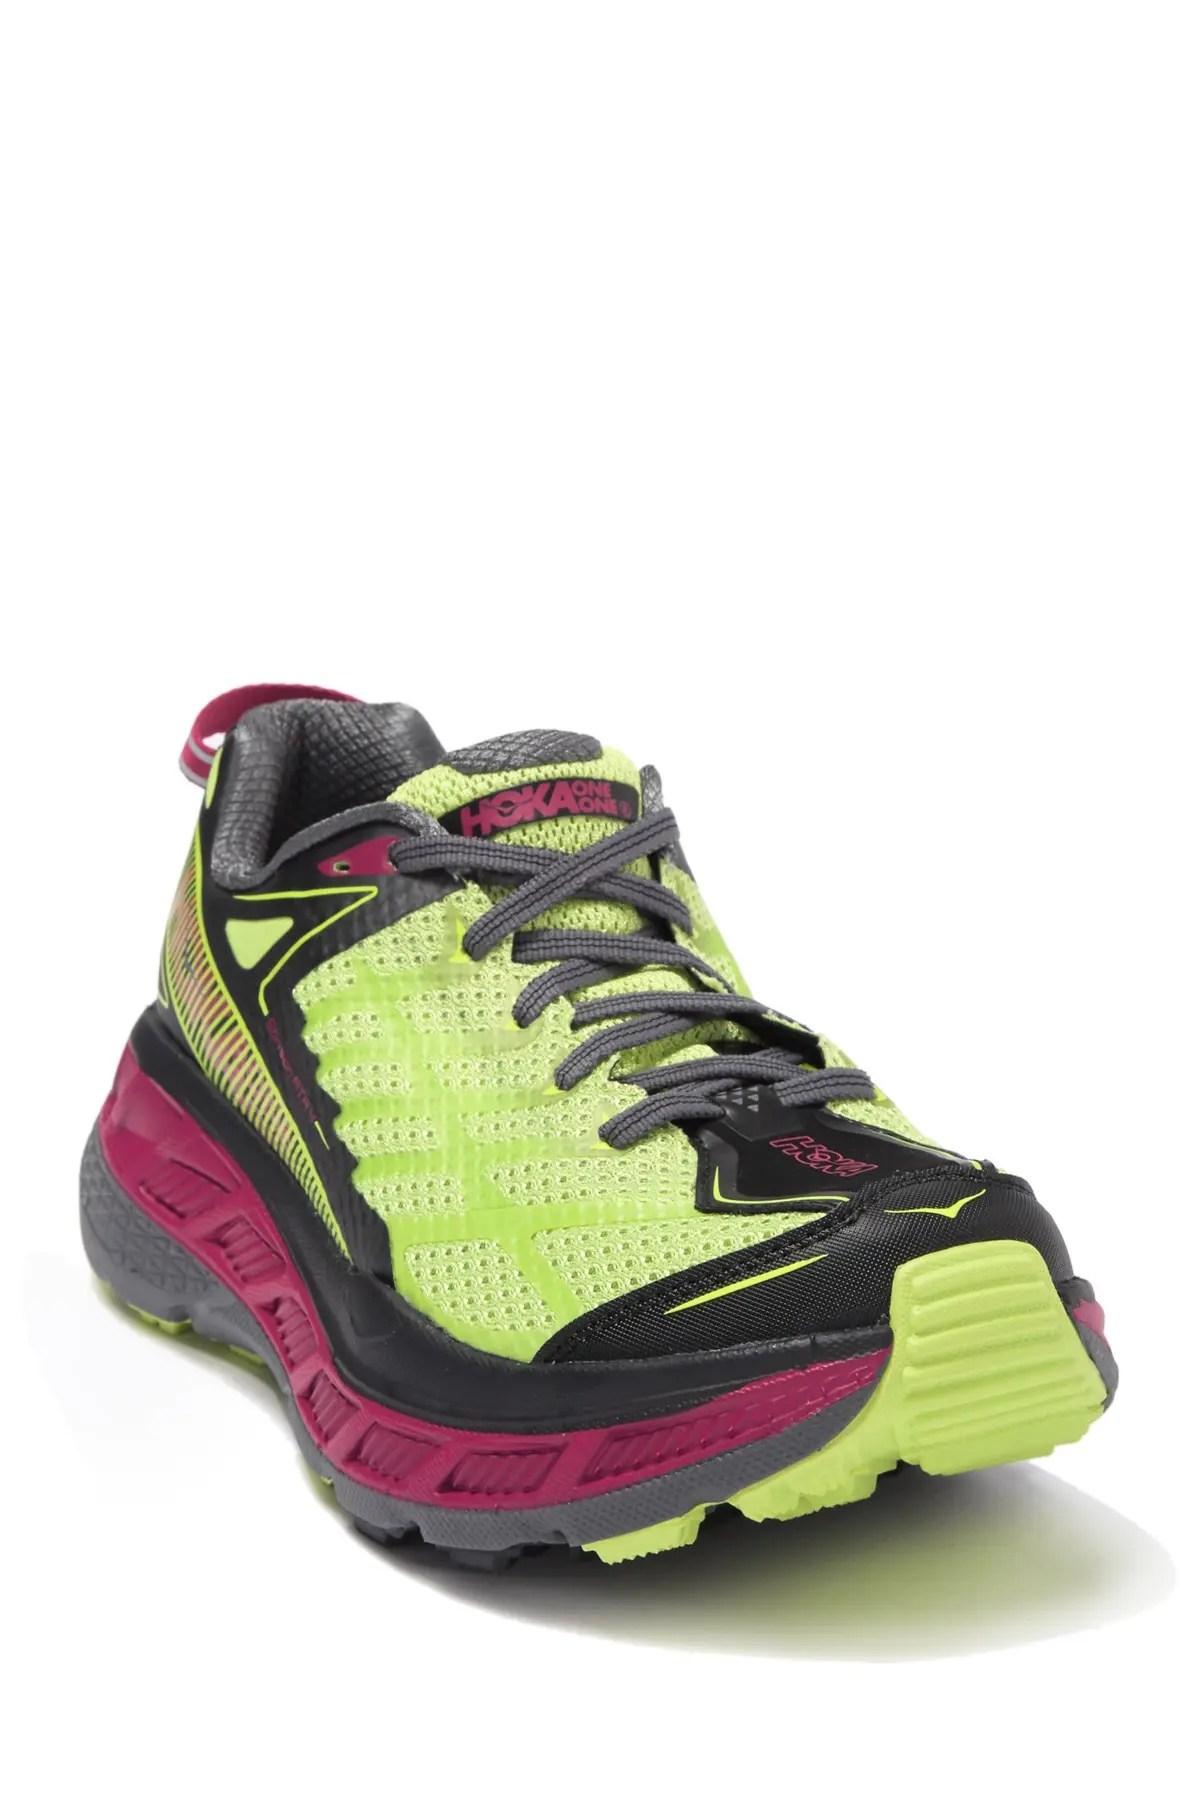 حزمة صورة فوتوغرافية الذات hoka running shoes near me